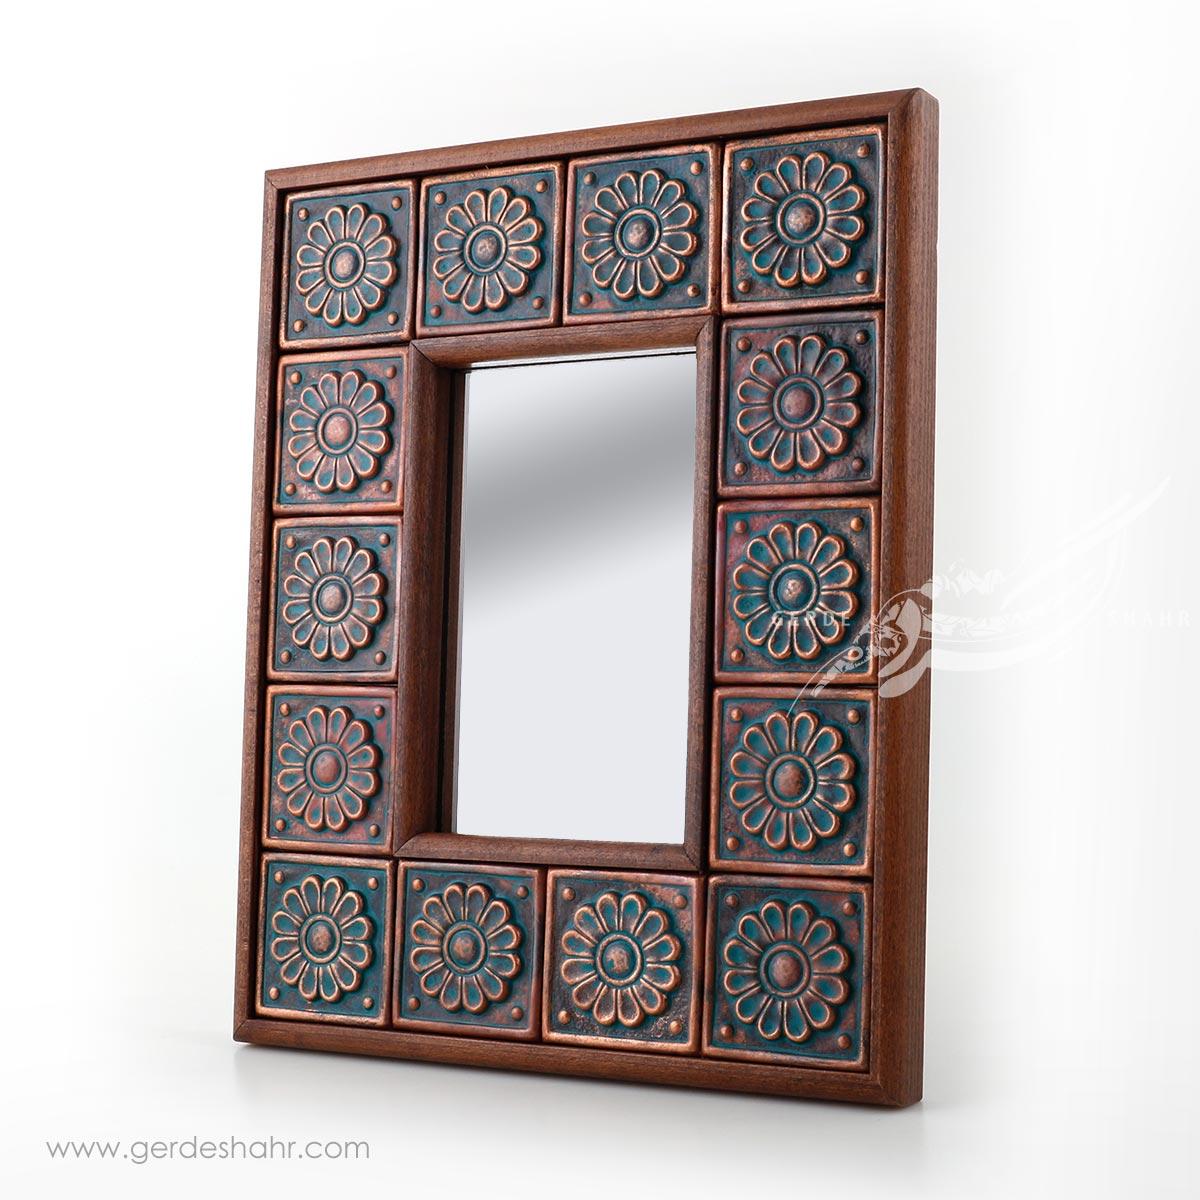 آینه چوبی قاب مسی کیمیاگر محصولات